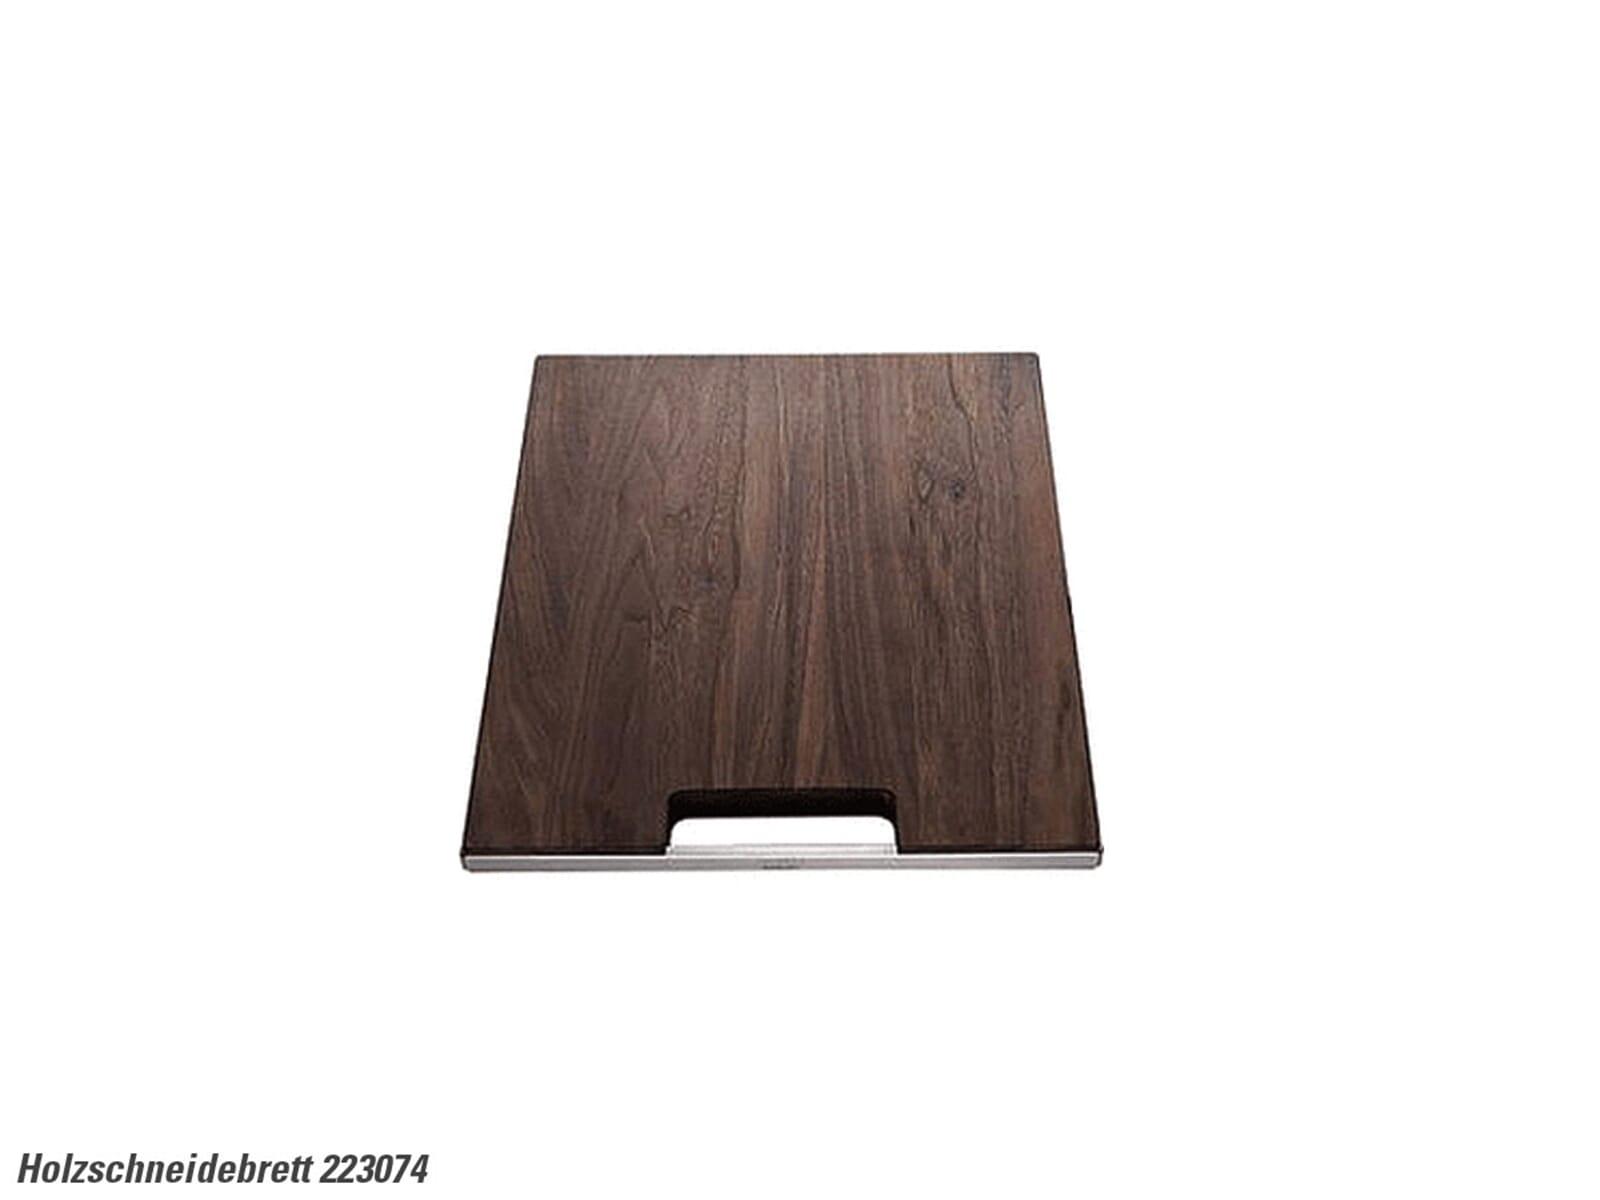 Blanco 223 074 Holzschneidebrett Nussbaum